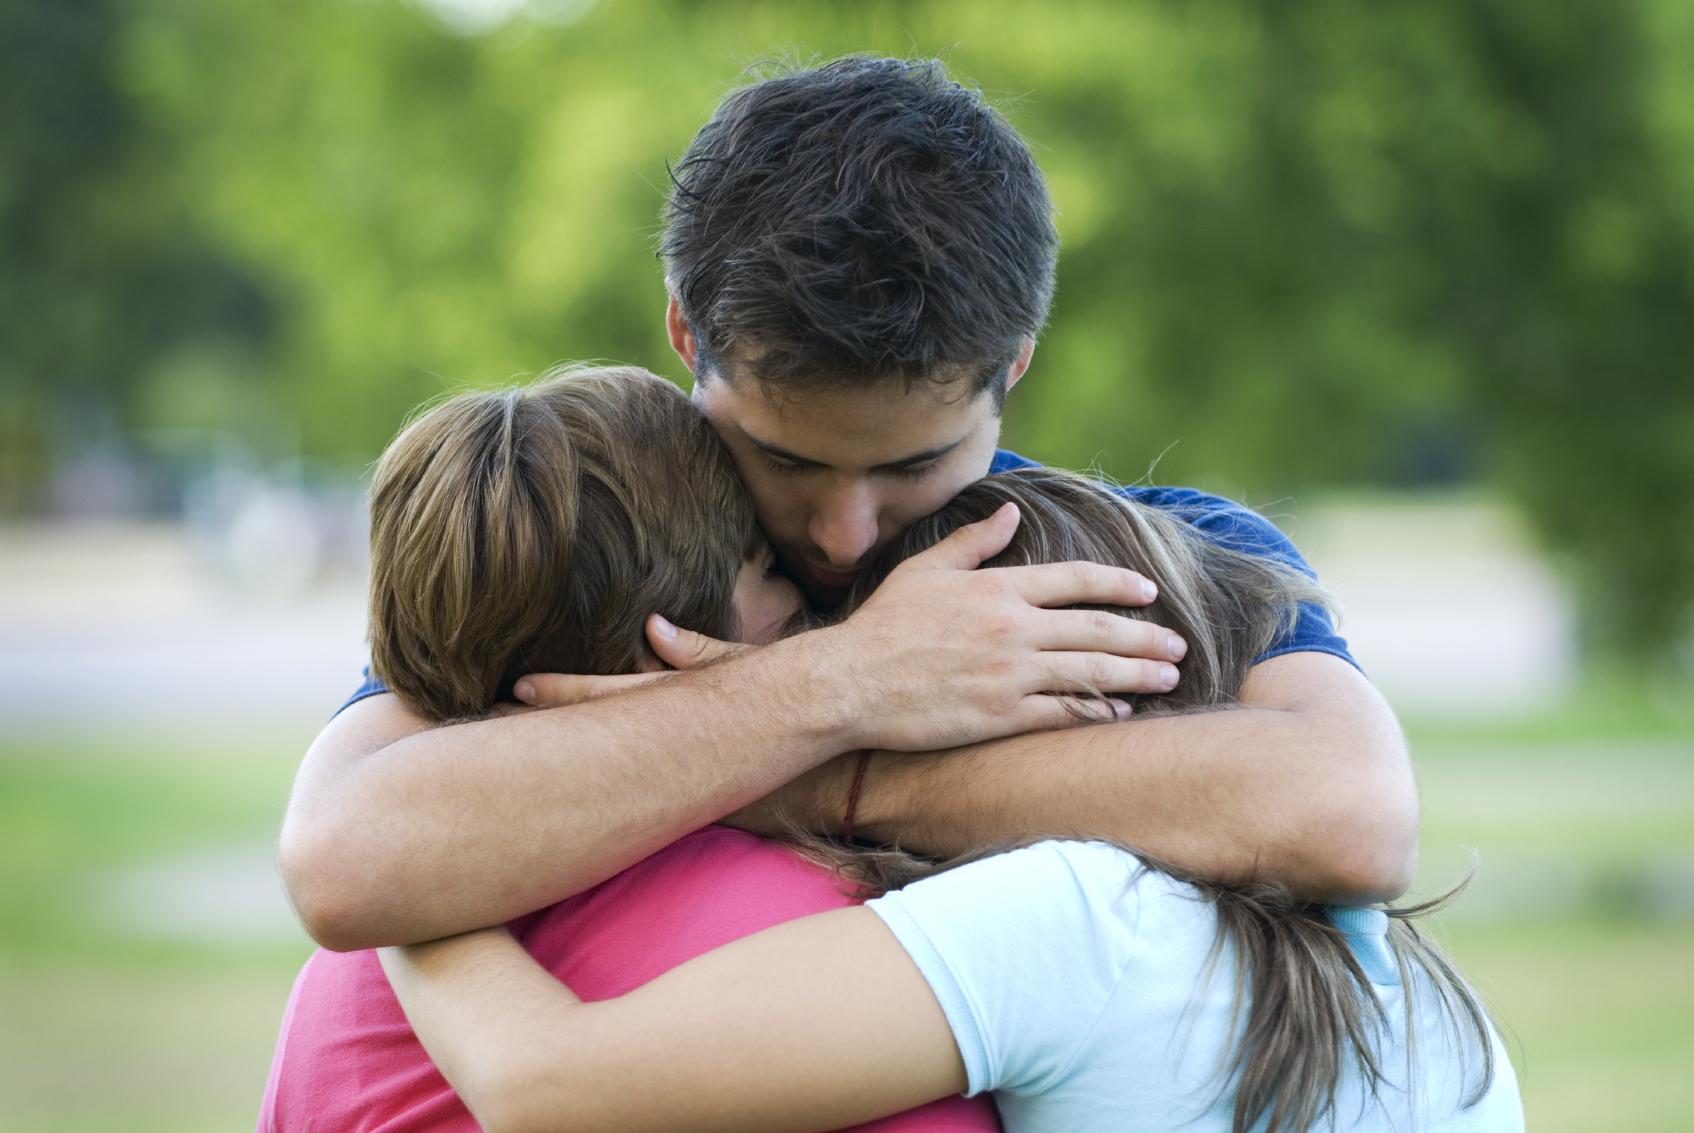 estudio bíblico sobre el perdón